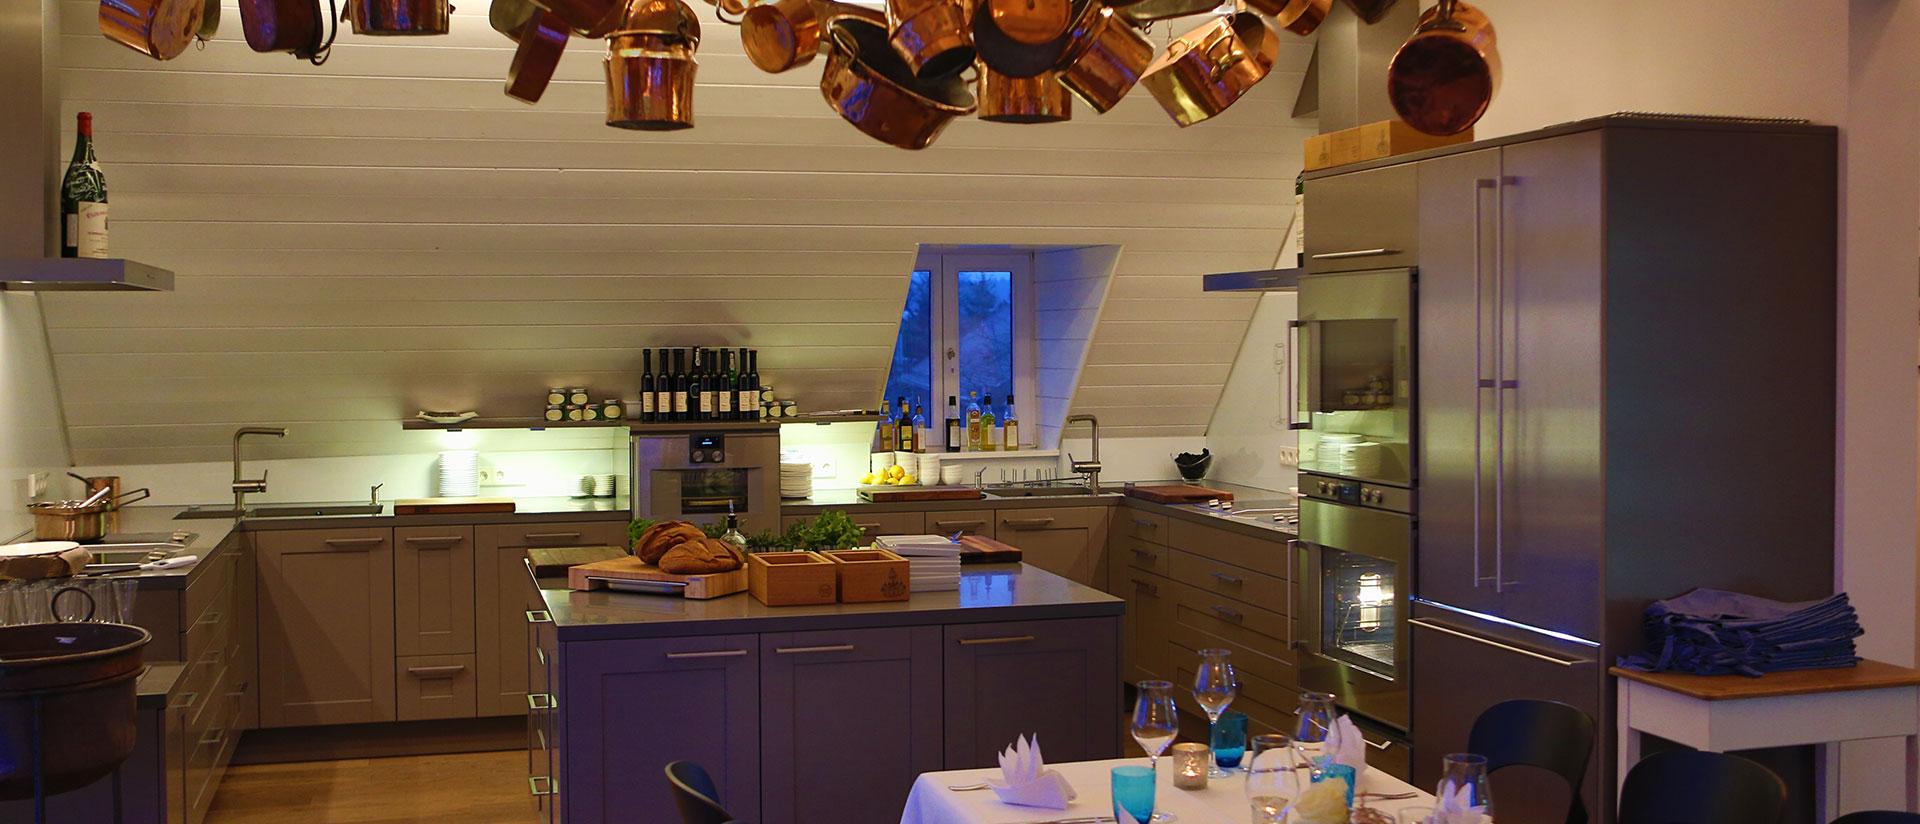 Kochbereich im Kitchen Club in Dagobertshausen